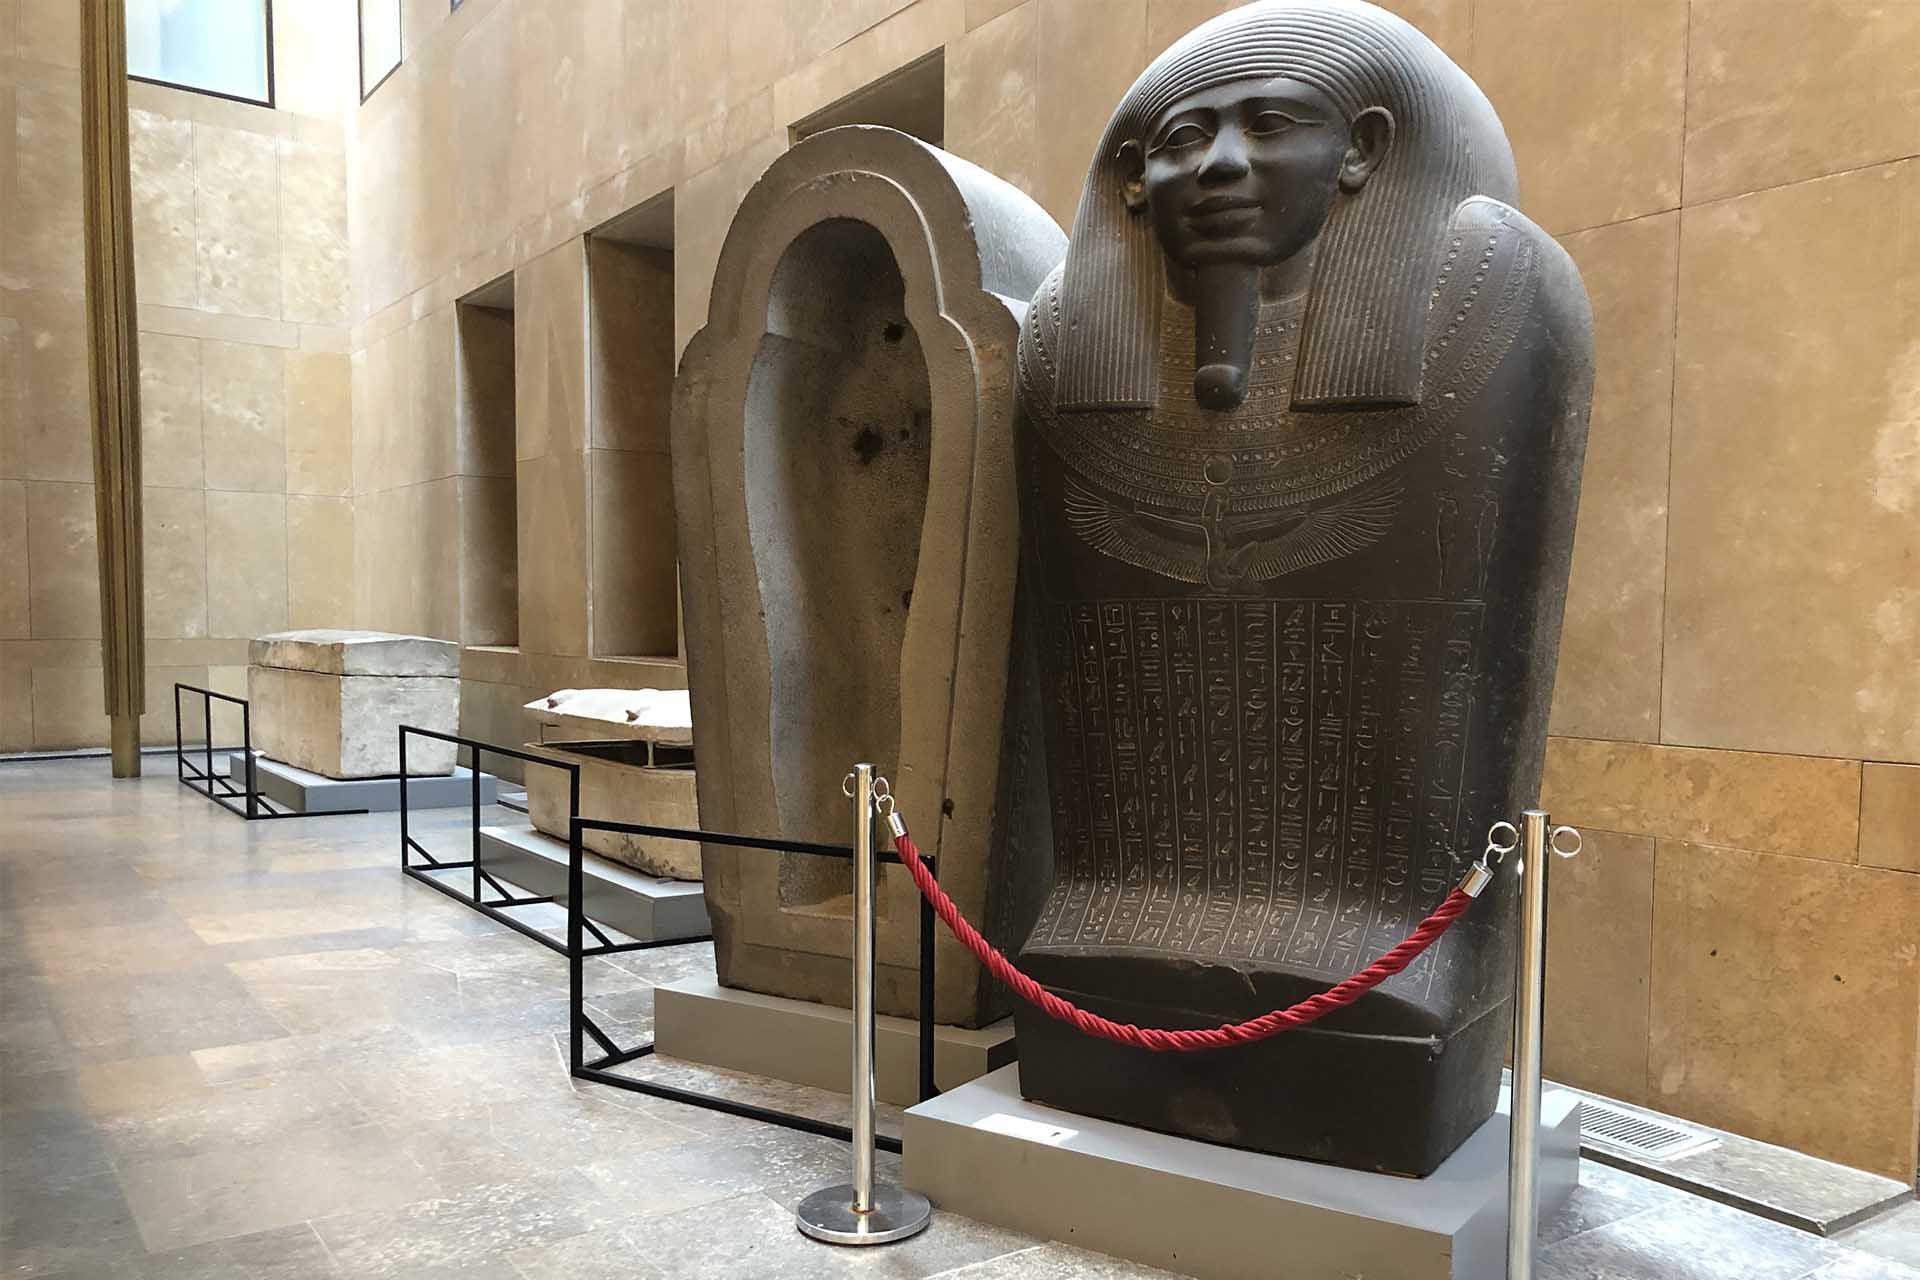 De oude opstelling met vier losse sokkels voor de drie sarcofagen.